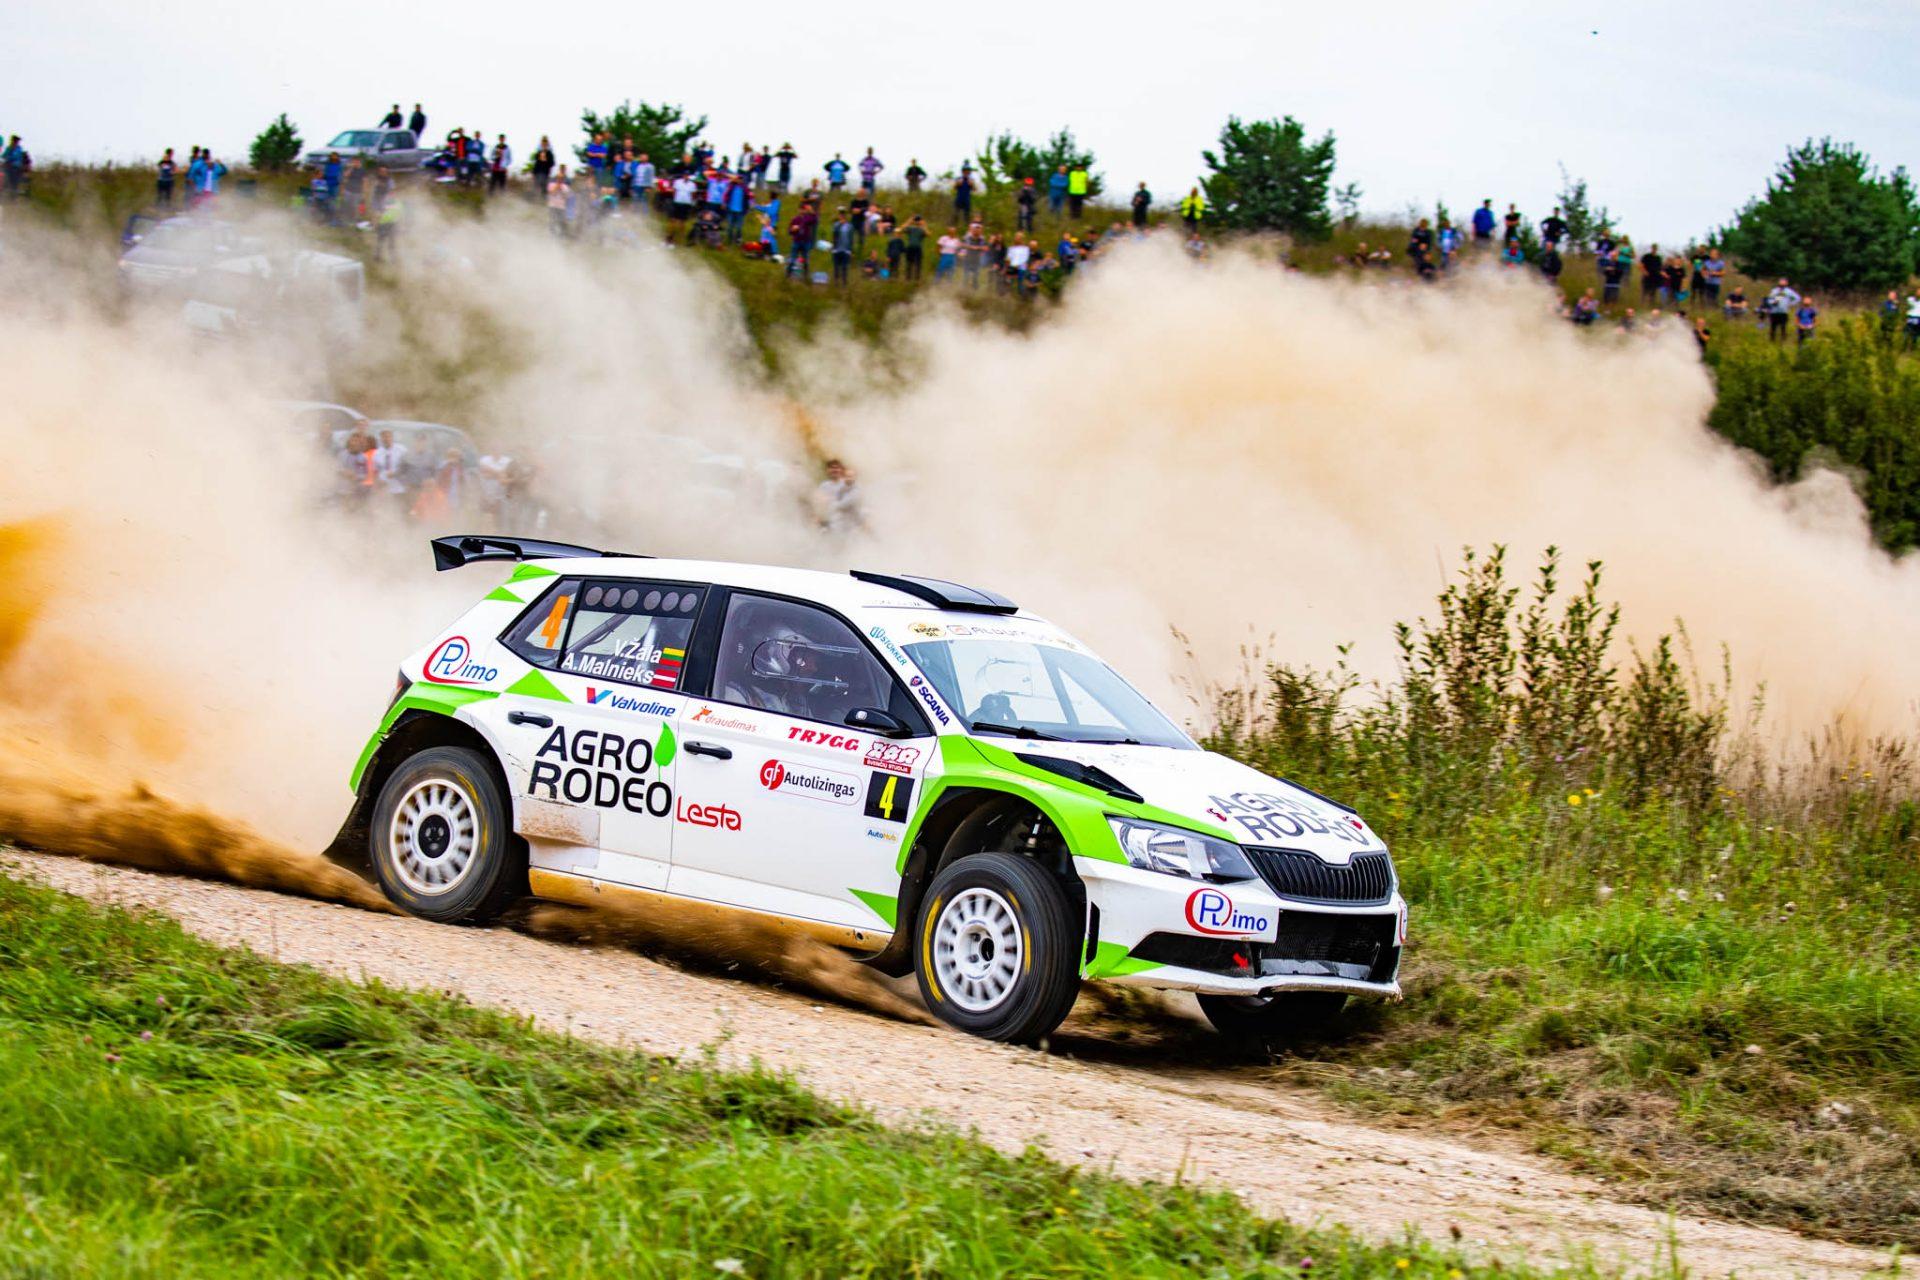 Vaidotas Žala: Ani vyhrané rallye nemusí vést k titulu | Vítězové kolem světa